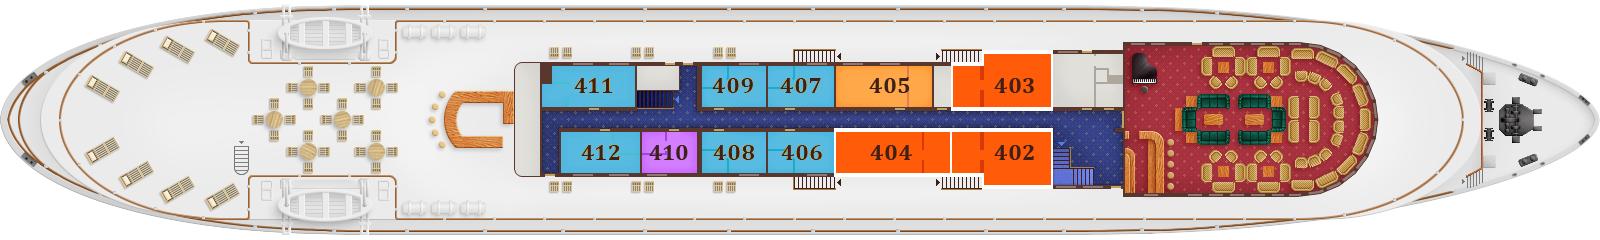 Deck Plan. Sun Deck